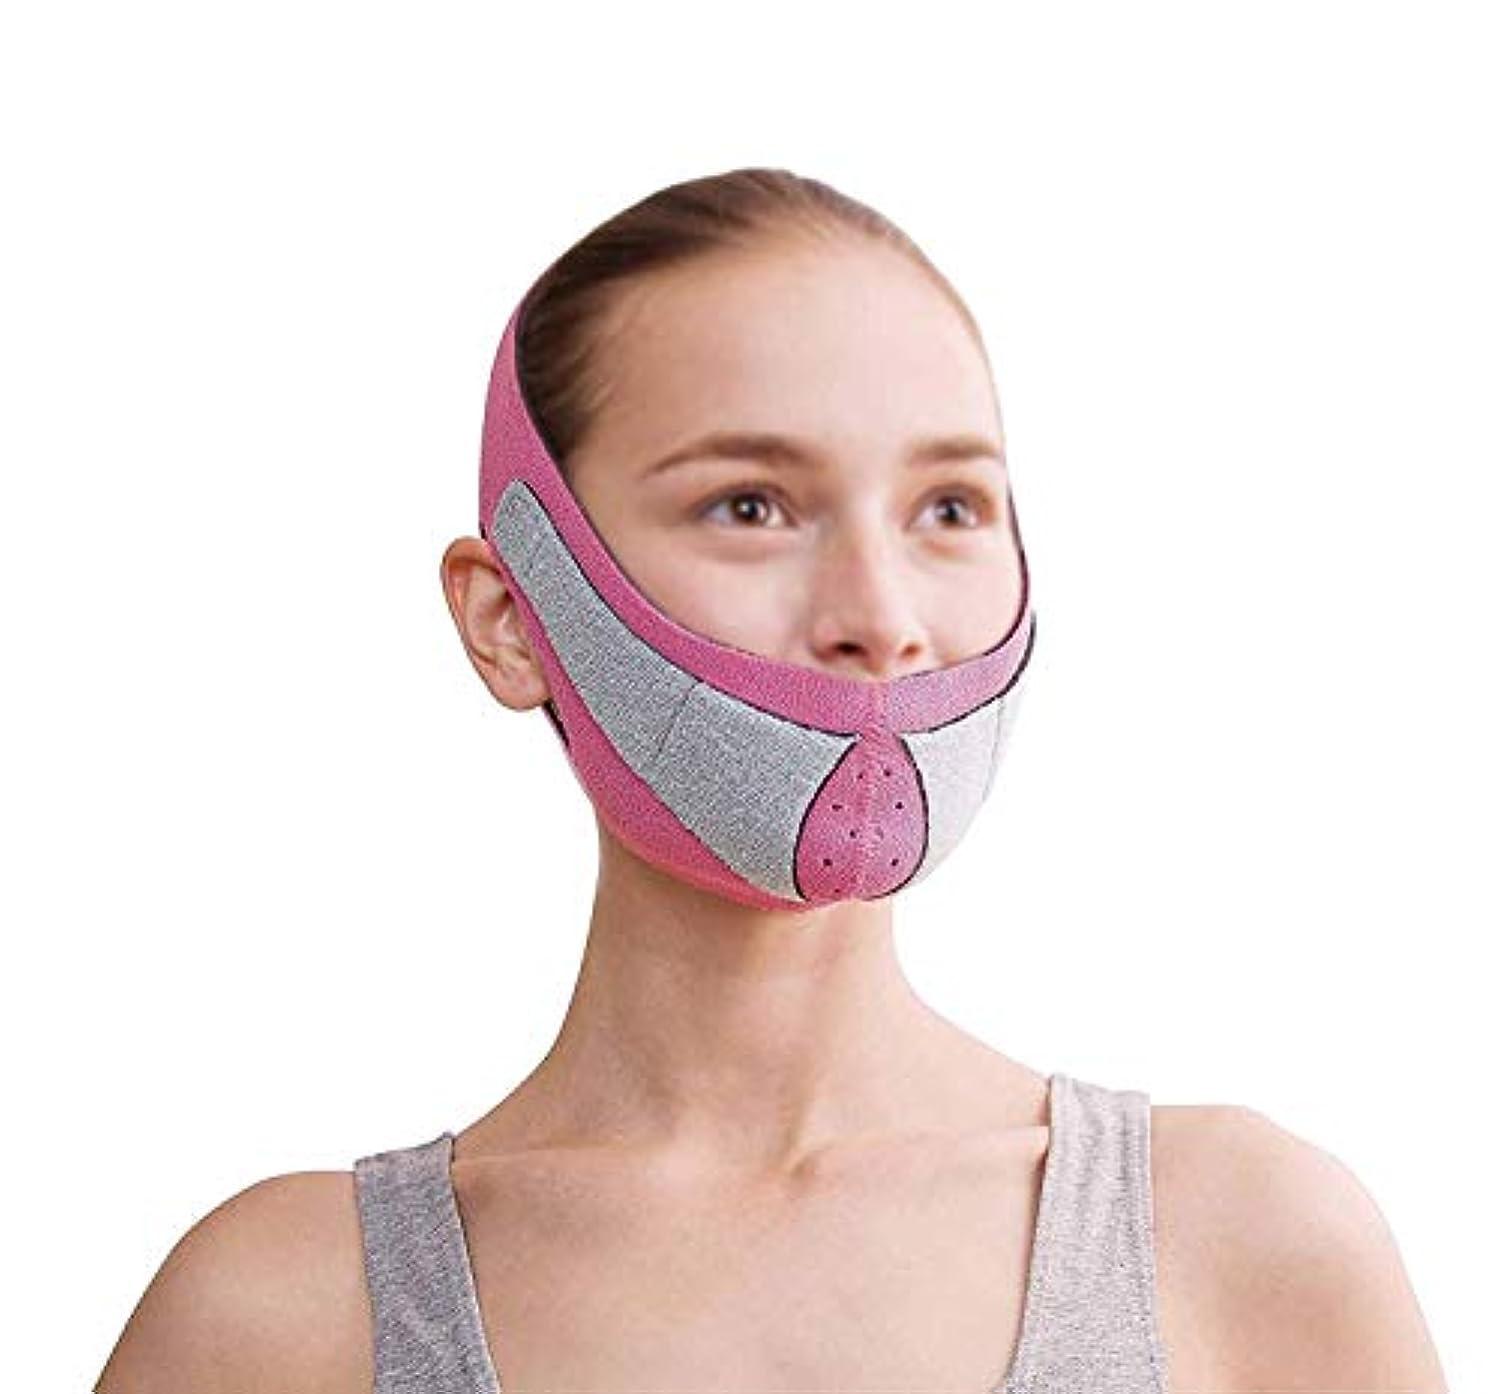 報復するランプ敬意を表するフェイスリフトマスク、顔のMaskplus薄いフェイスマスクタイトなたるみの薄いフェイスマスク顔の薄いフェイスマスクアーティファクトネックストラップ付き